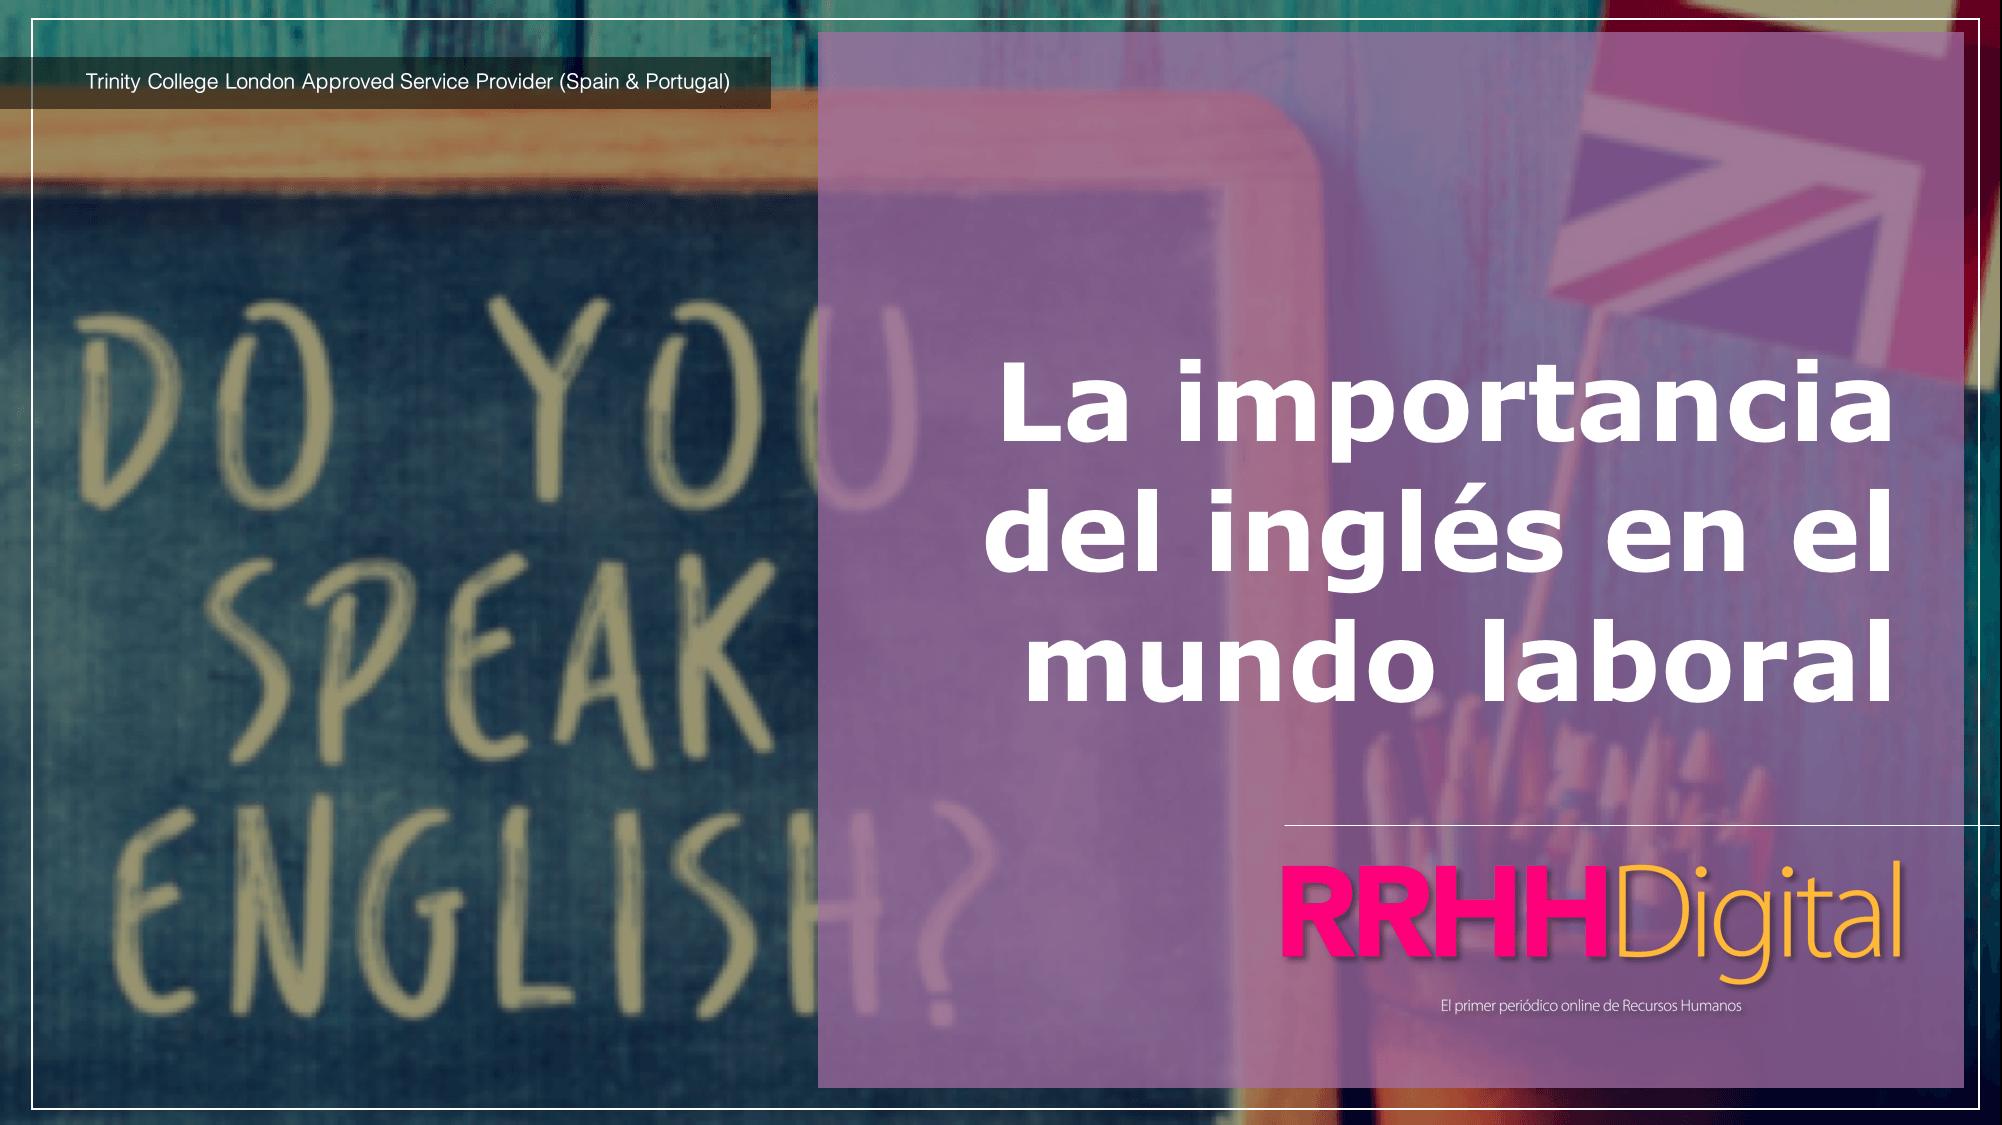 La importancia del inglés en el mundo laboral por RRHH Digital